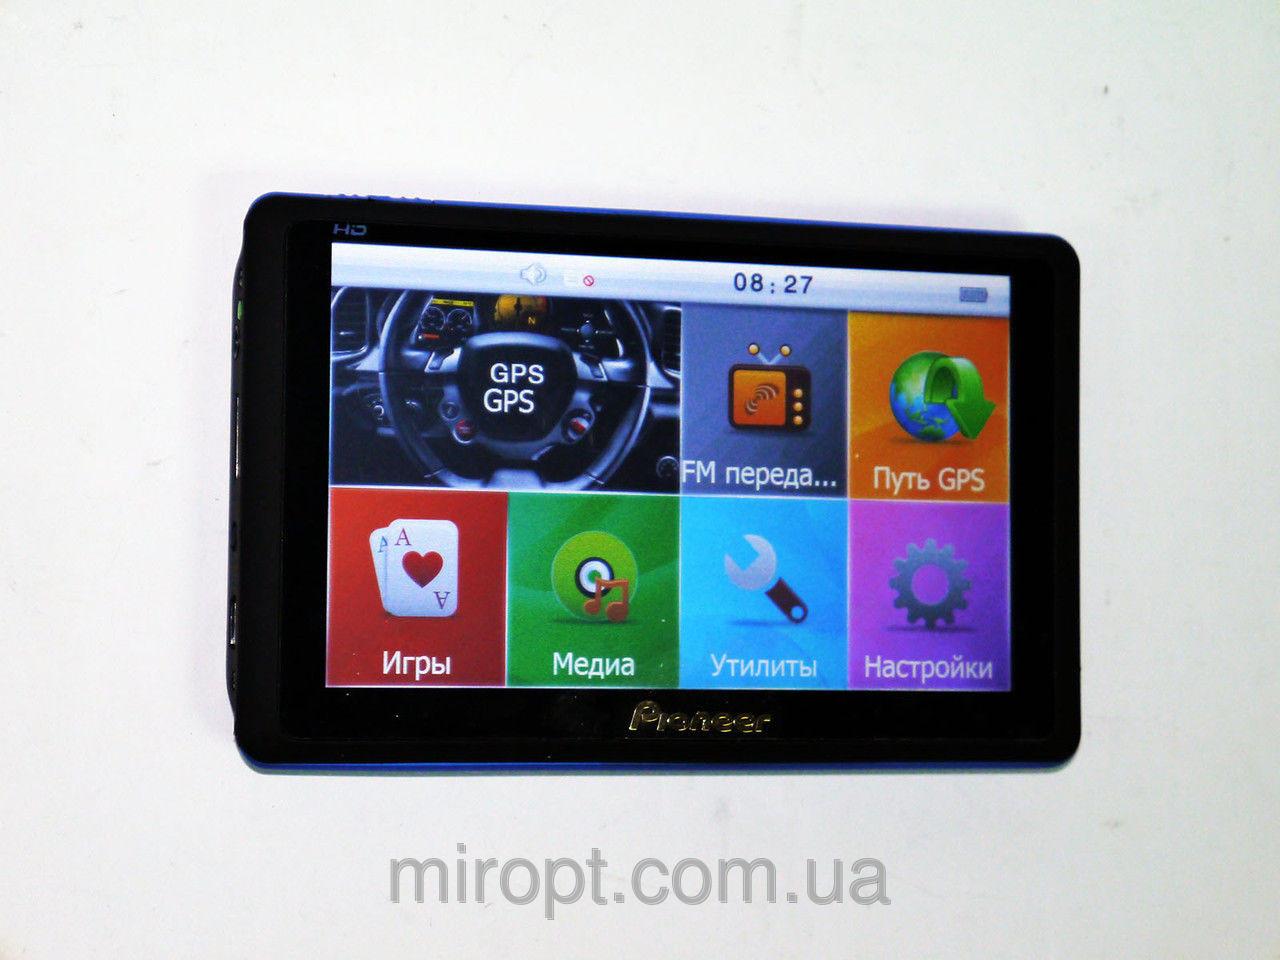 GPS-навигатор Pioneer 7008 новая модель ультратонкая